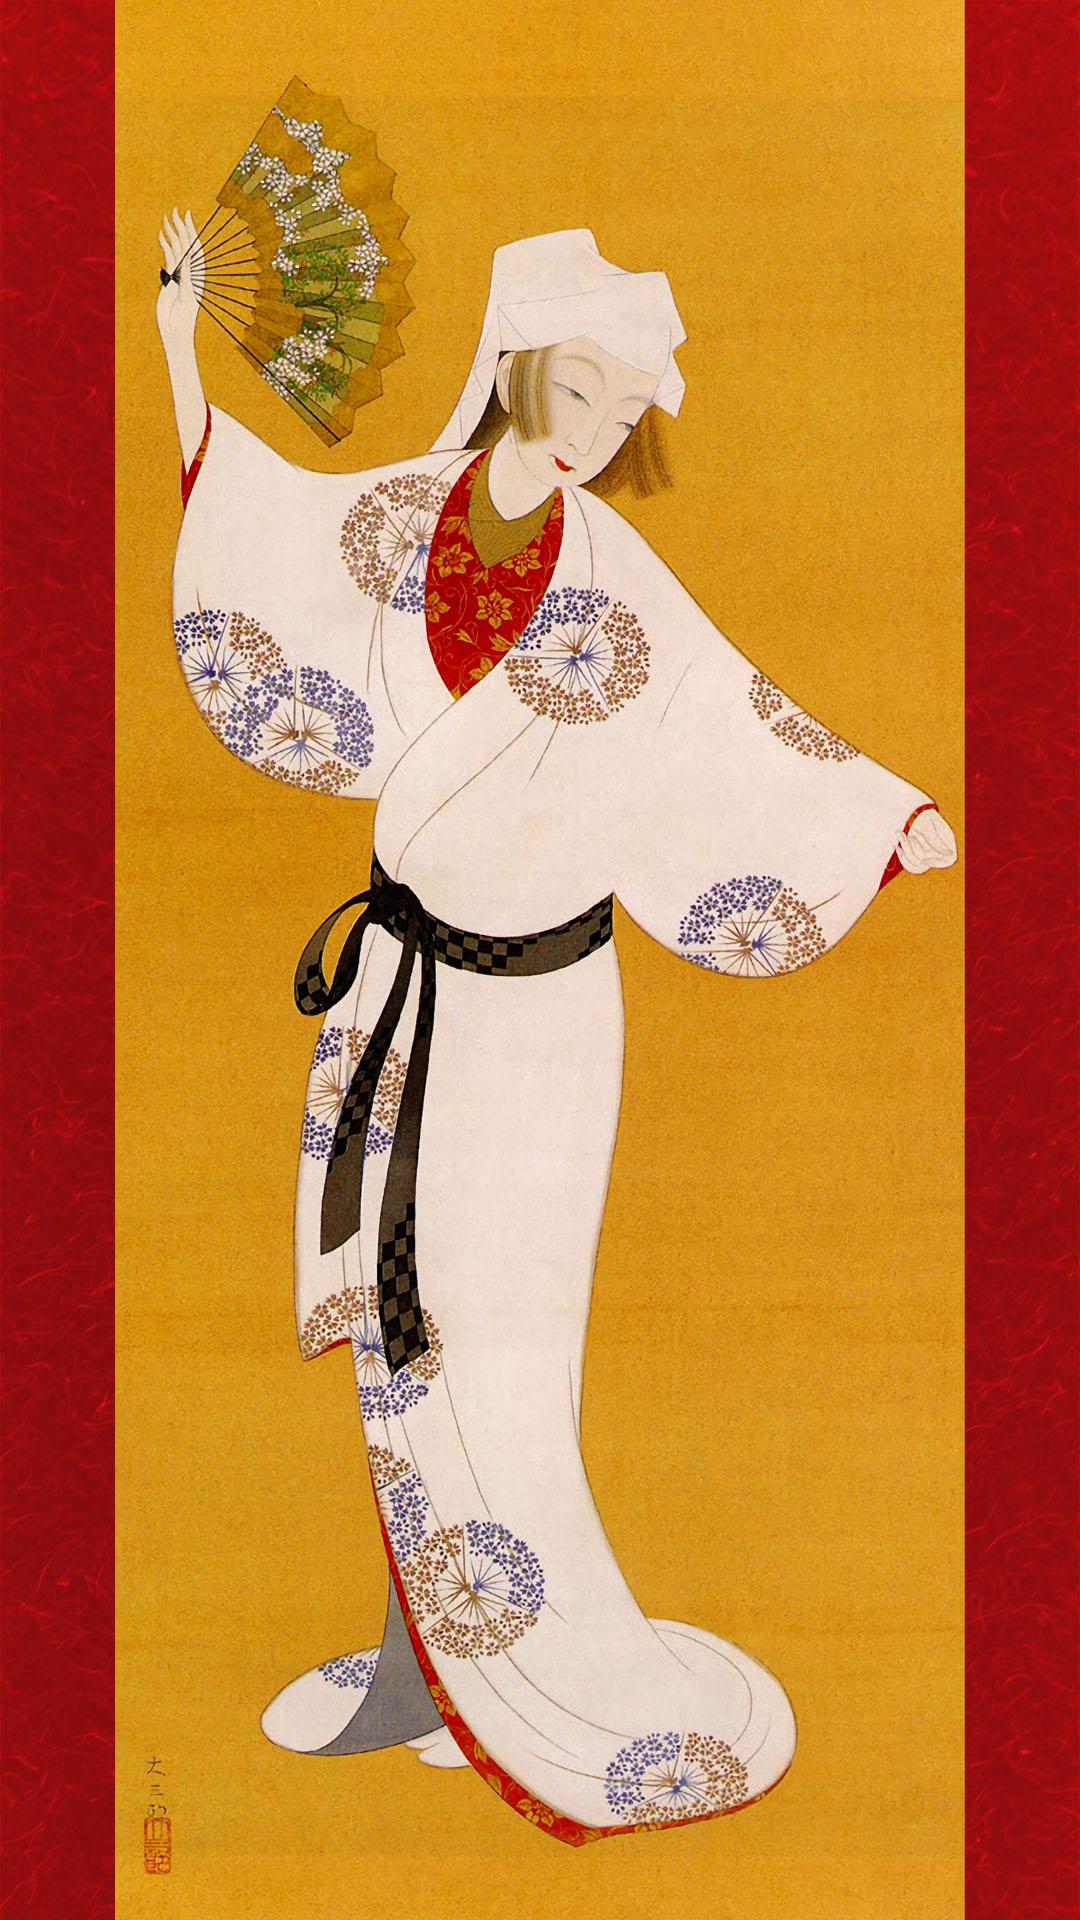 Nakamura Daizaburo - Futari maiko 1 1080x1920